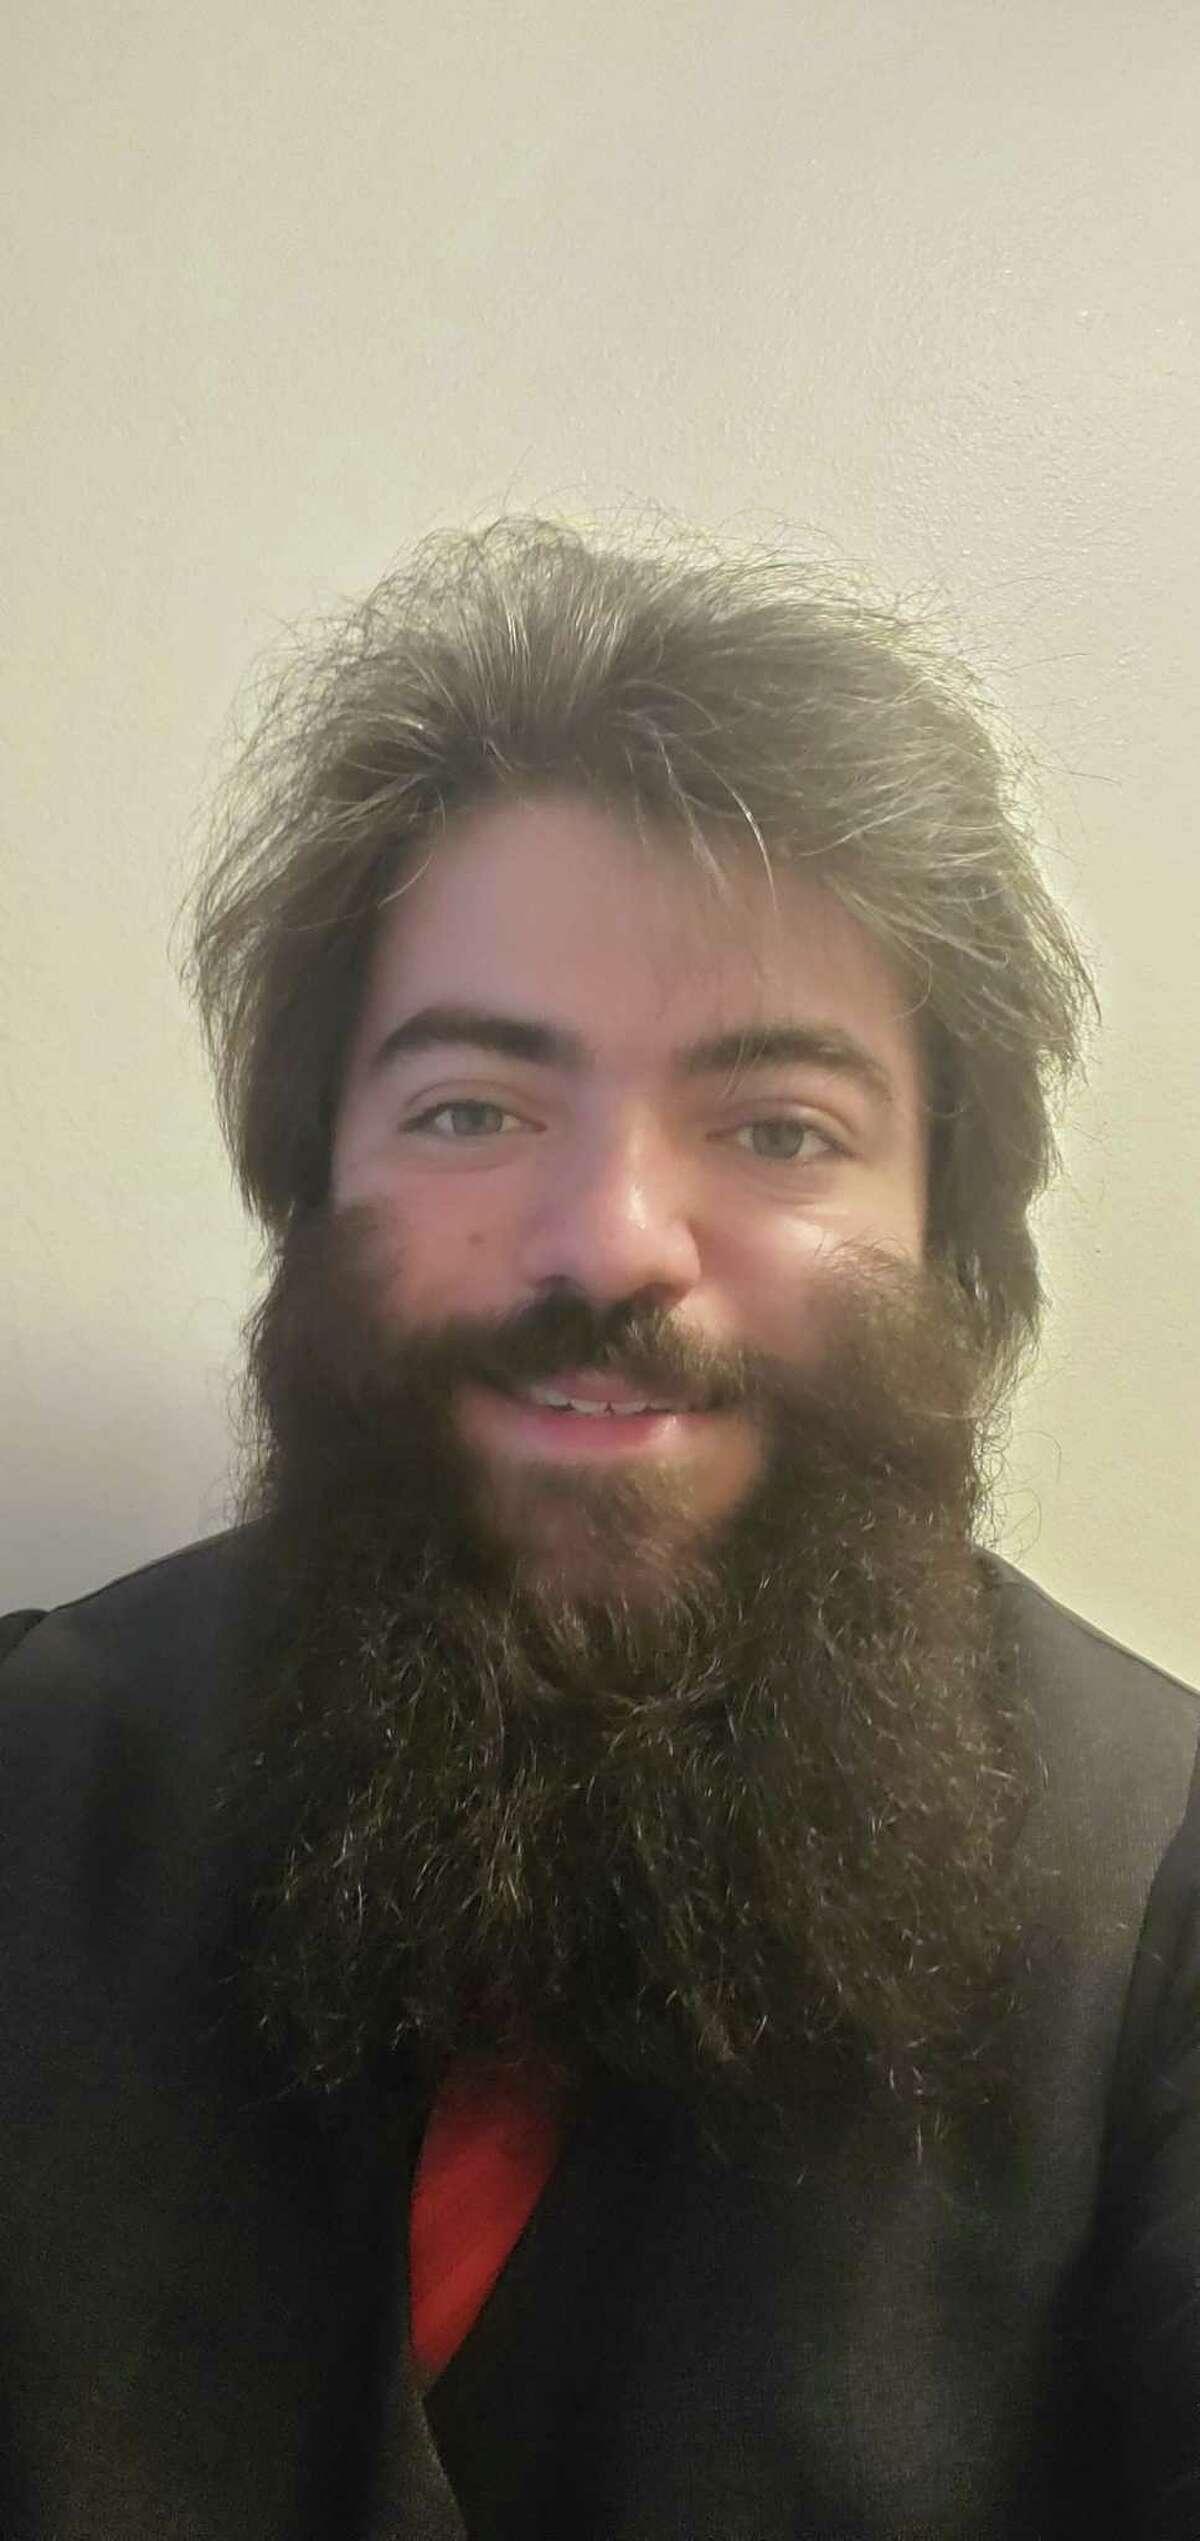 TJ Elgin, 2021 Westport first selectman candidate